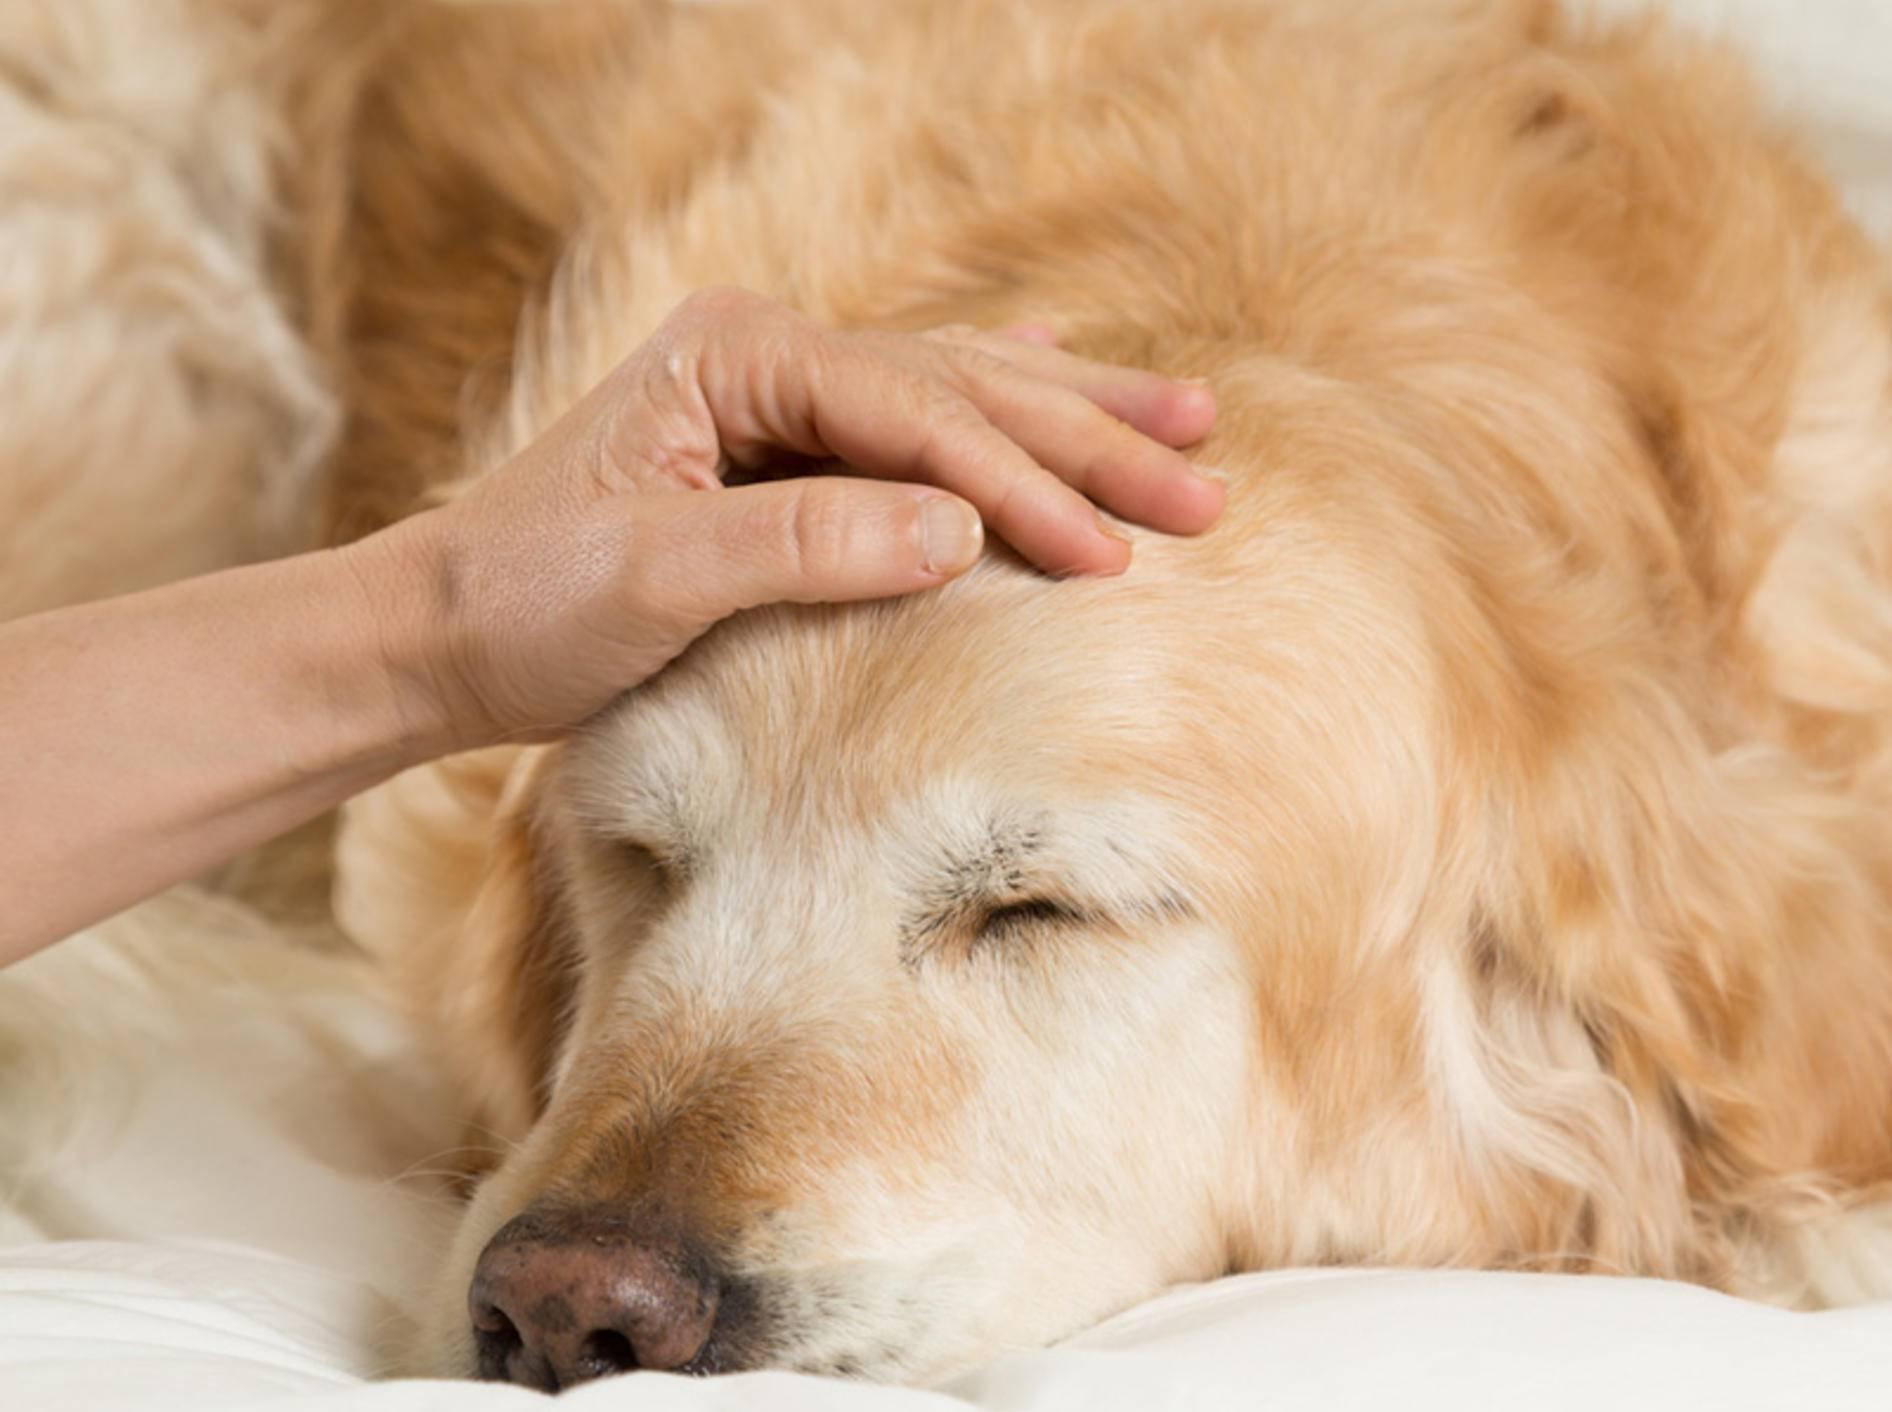 Fiebermessen beim Hund ist wichtig, wenn der Vierbeiner müde und apathisch wirkt – 135pixels / Shutterstock